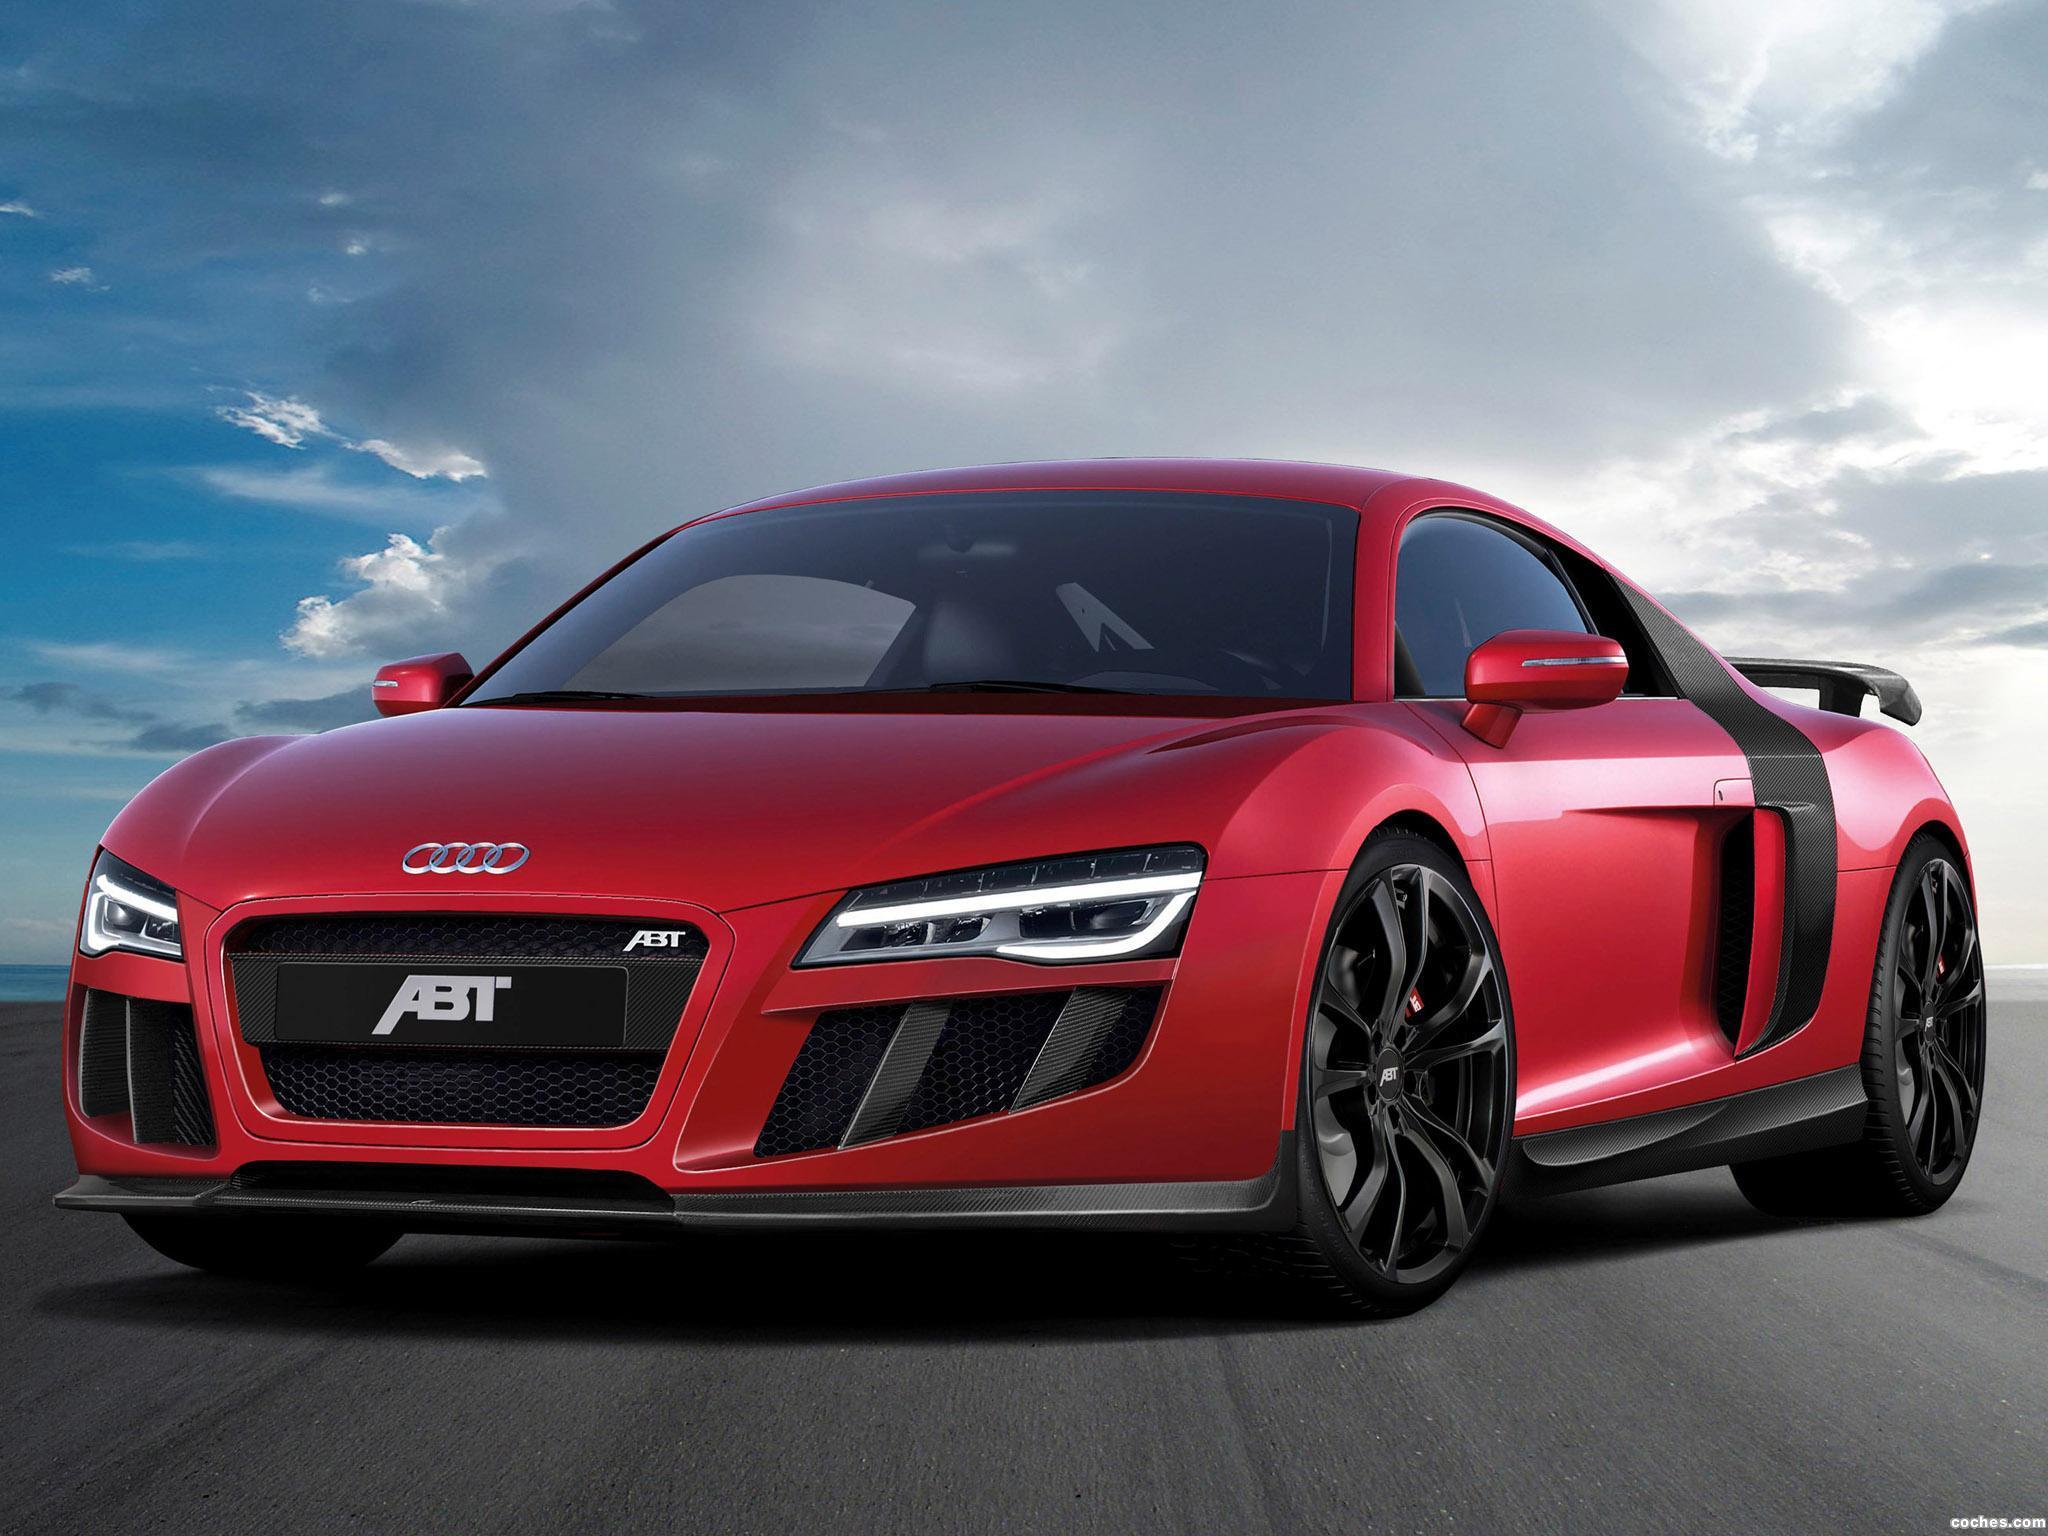 Foto 0 de Audi ABT R8 V10 2013